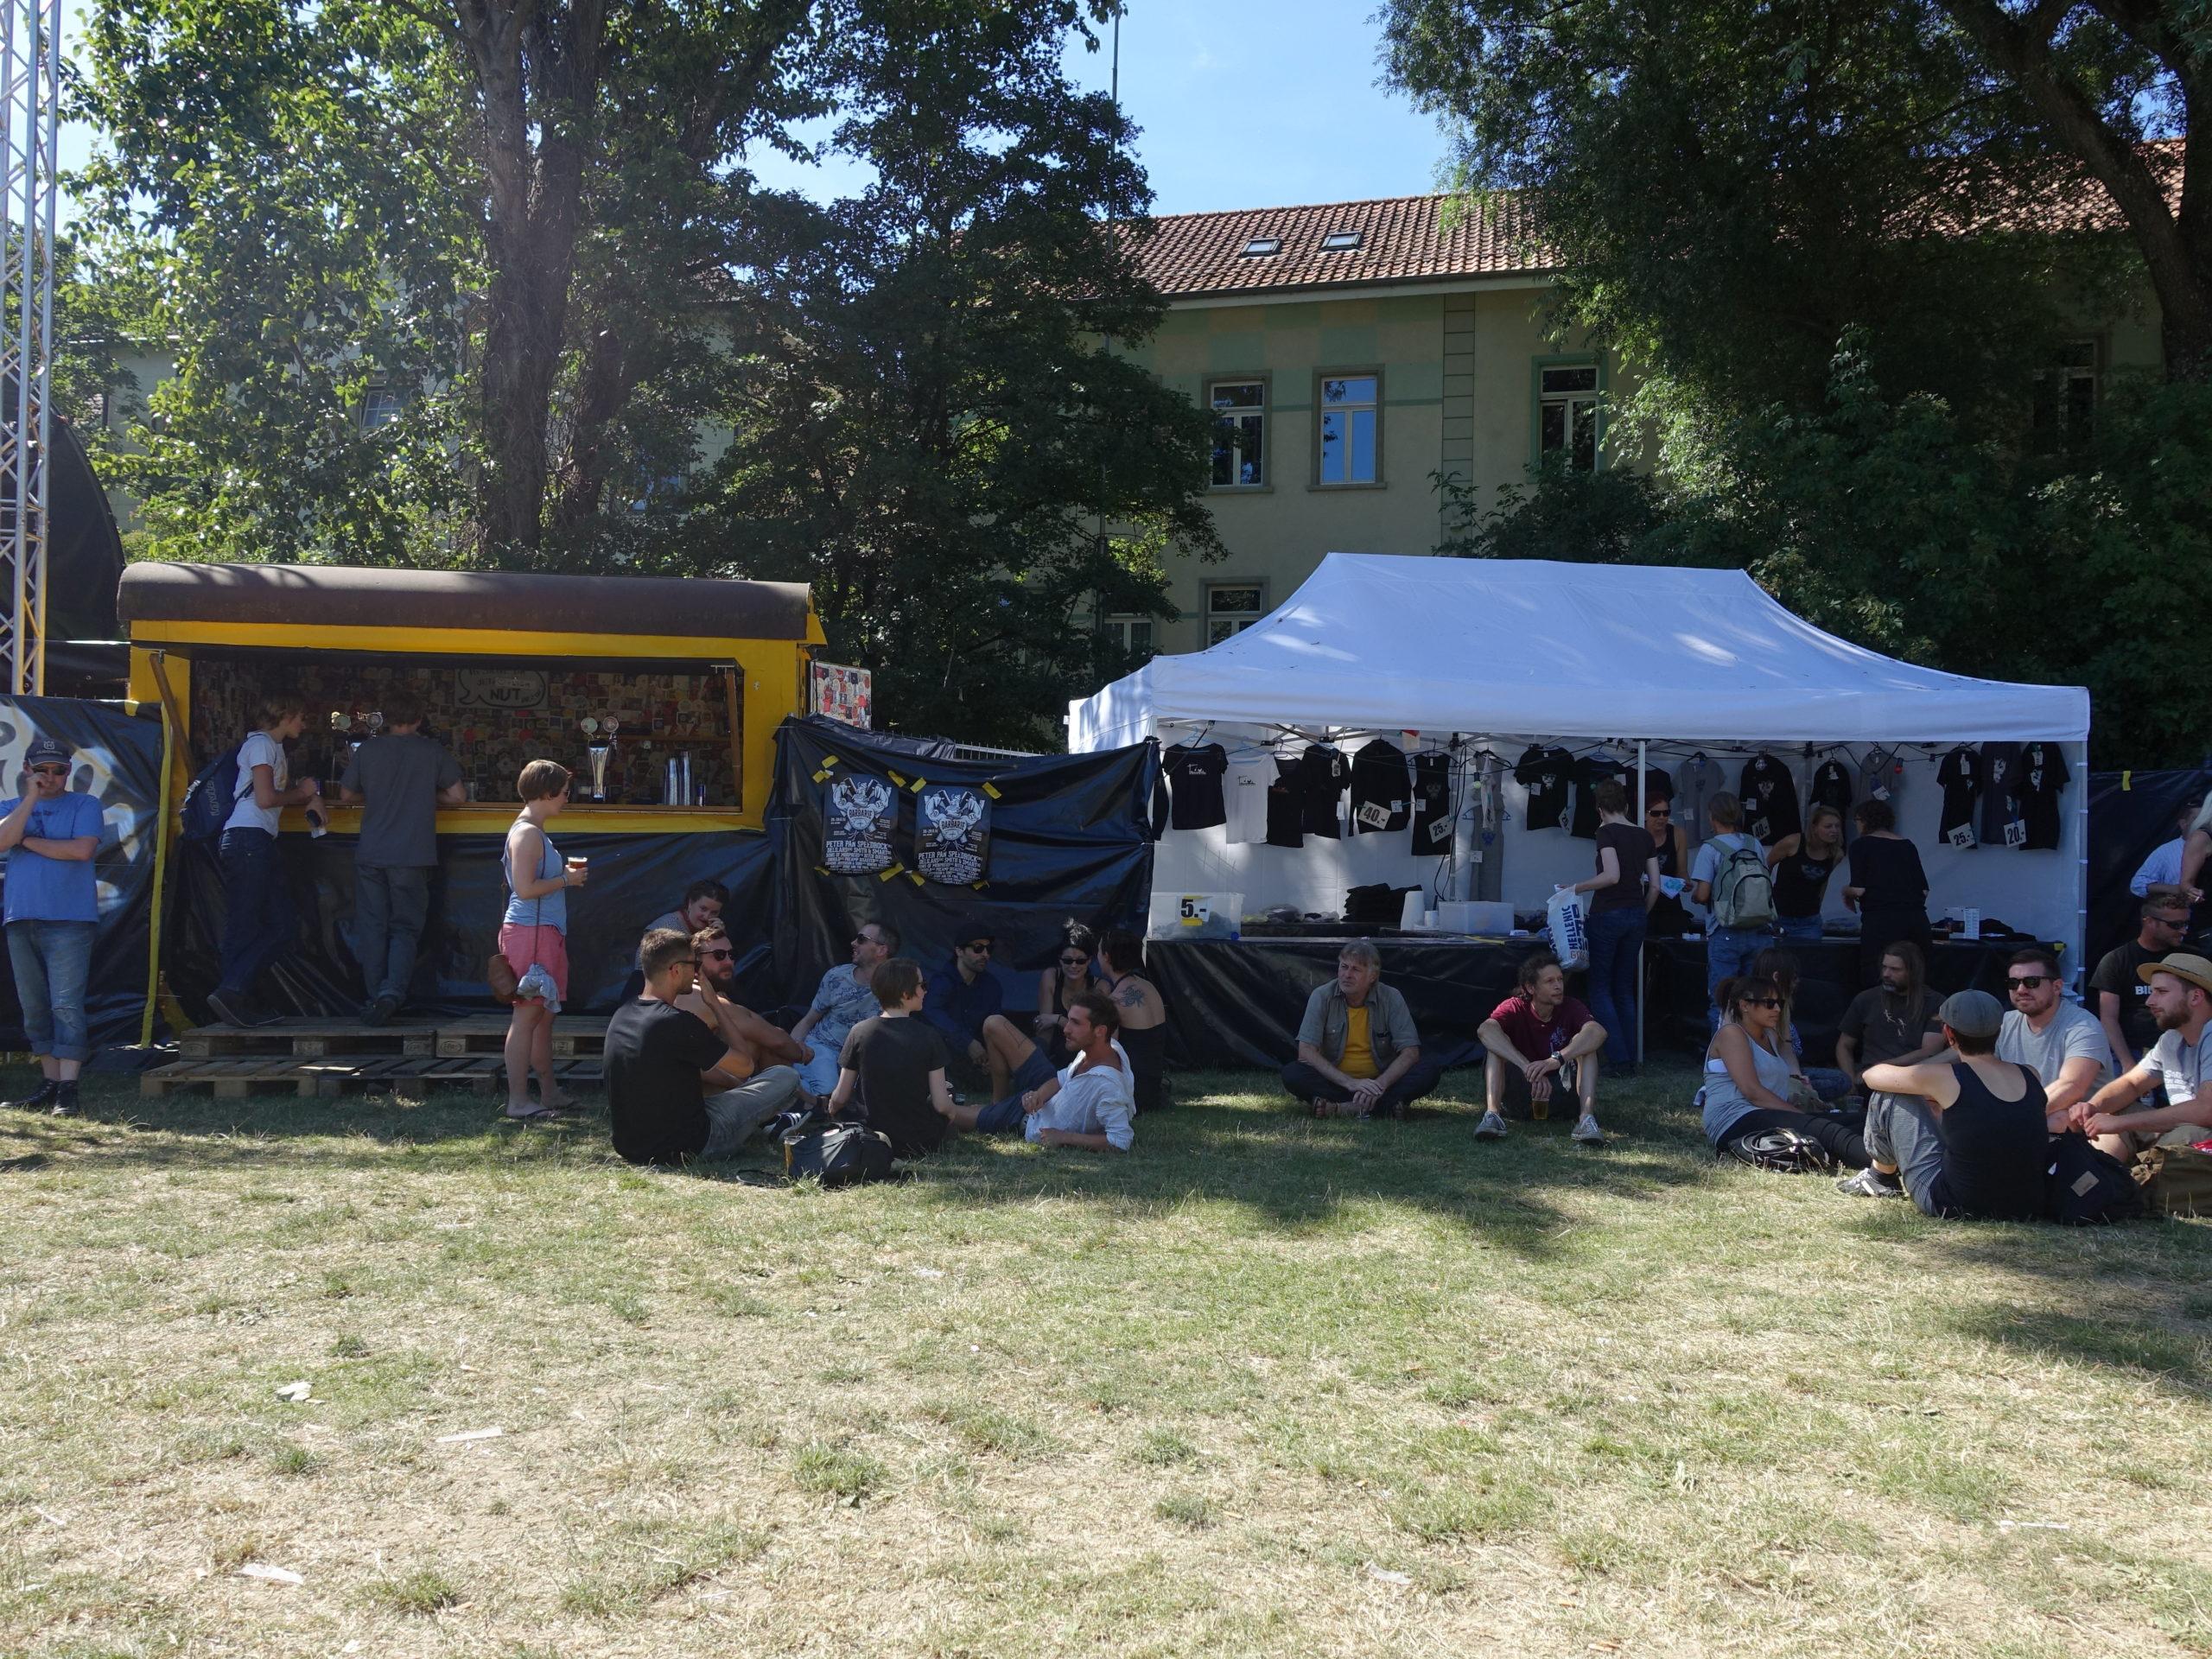 Bierwagen & Merch Stand